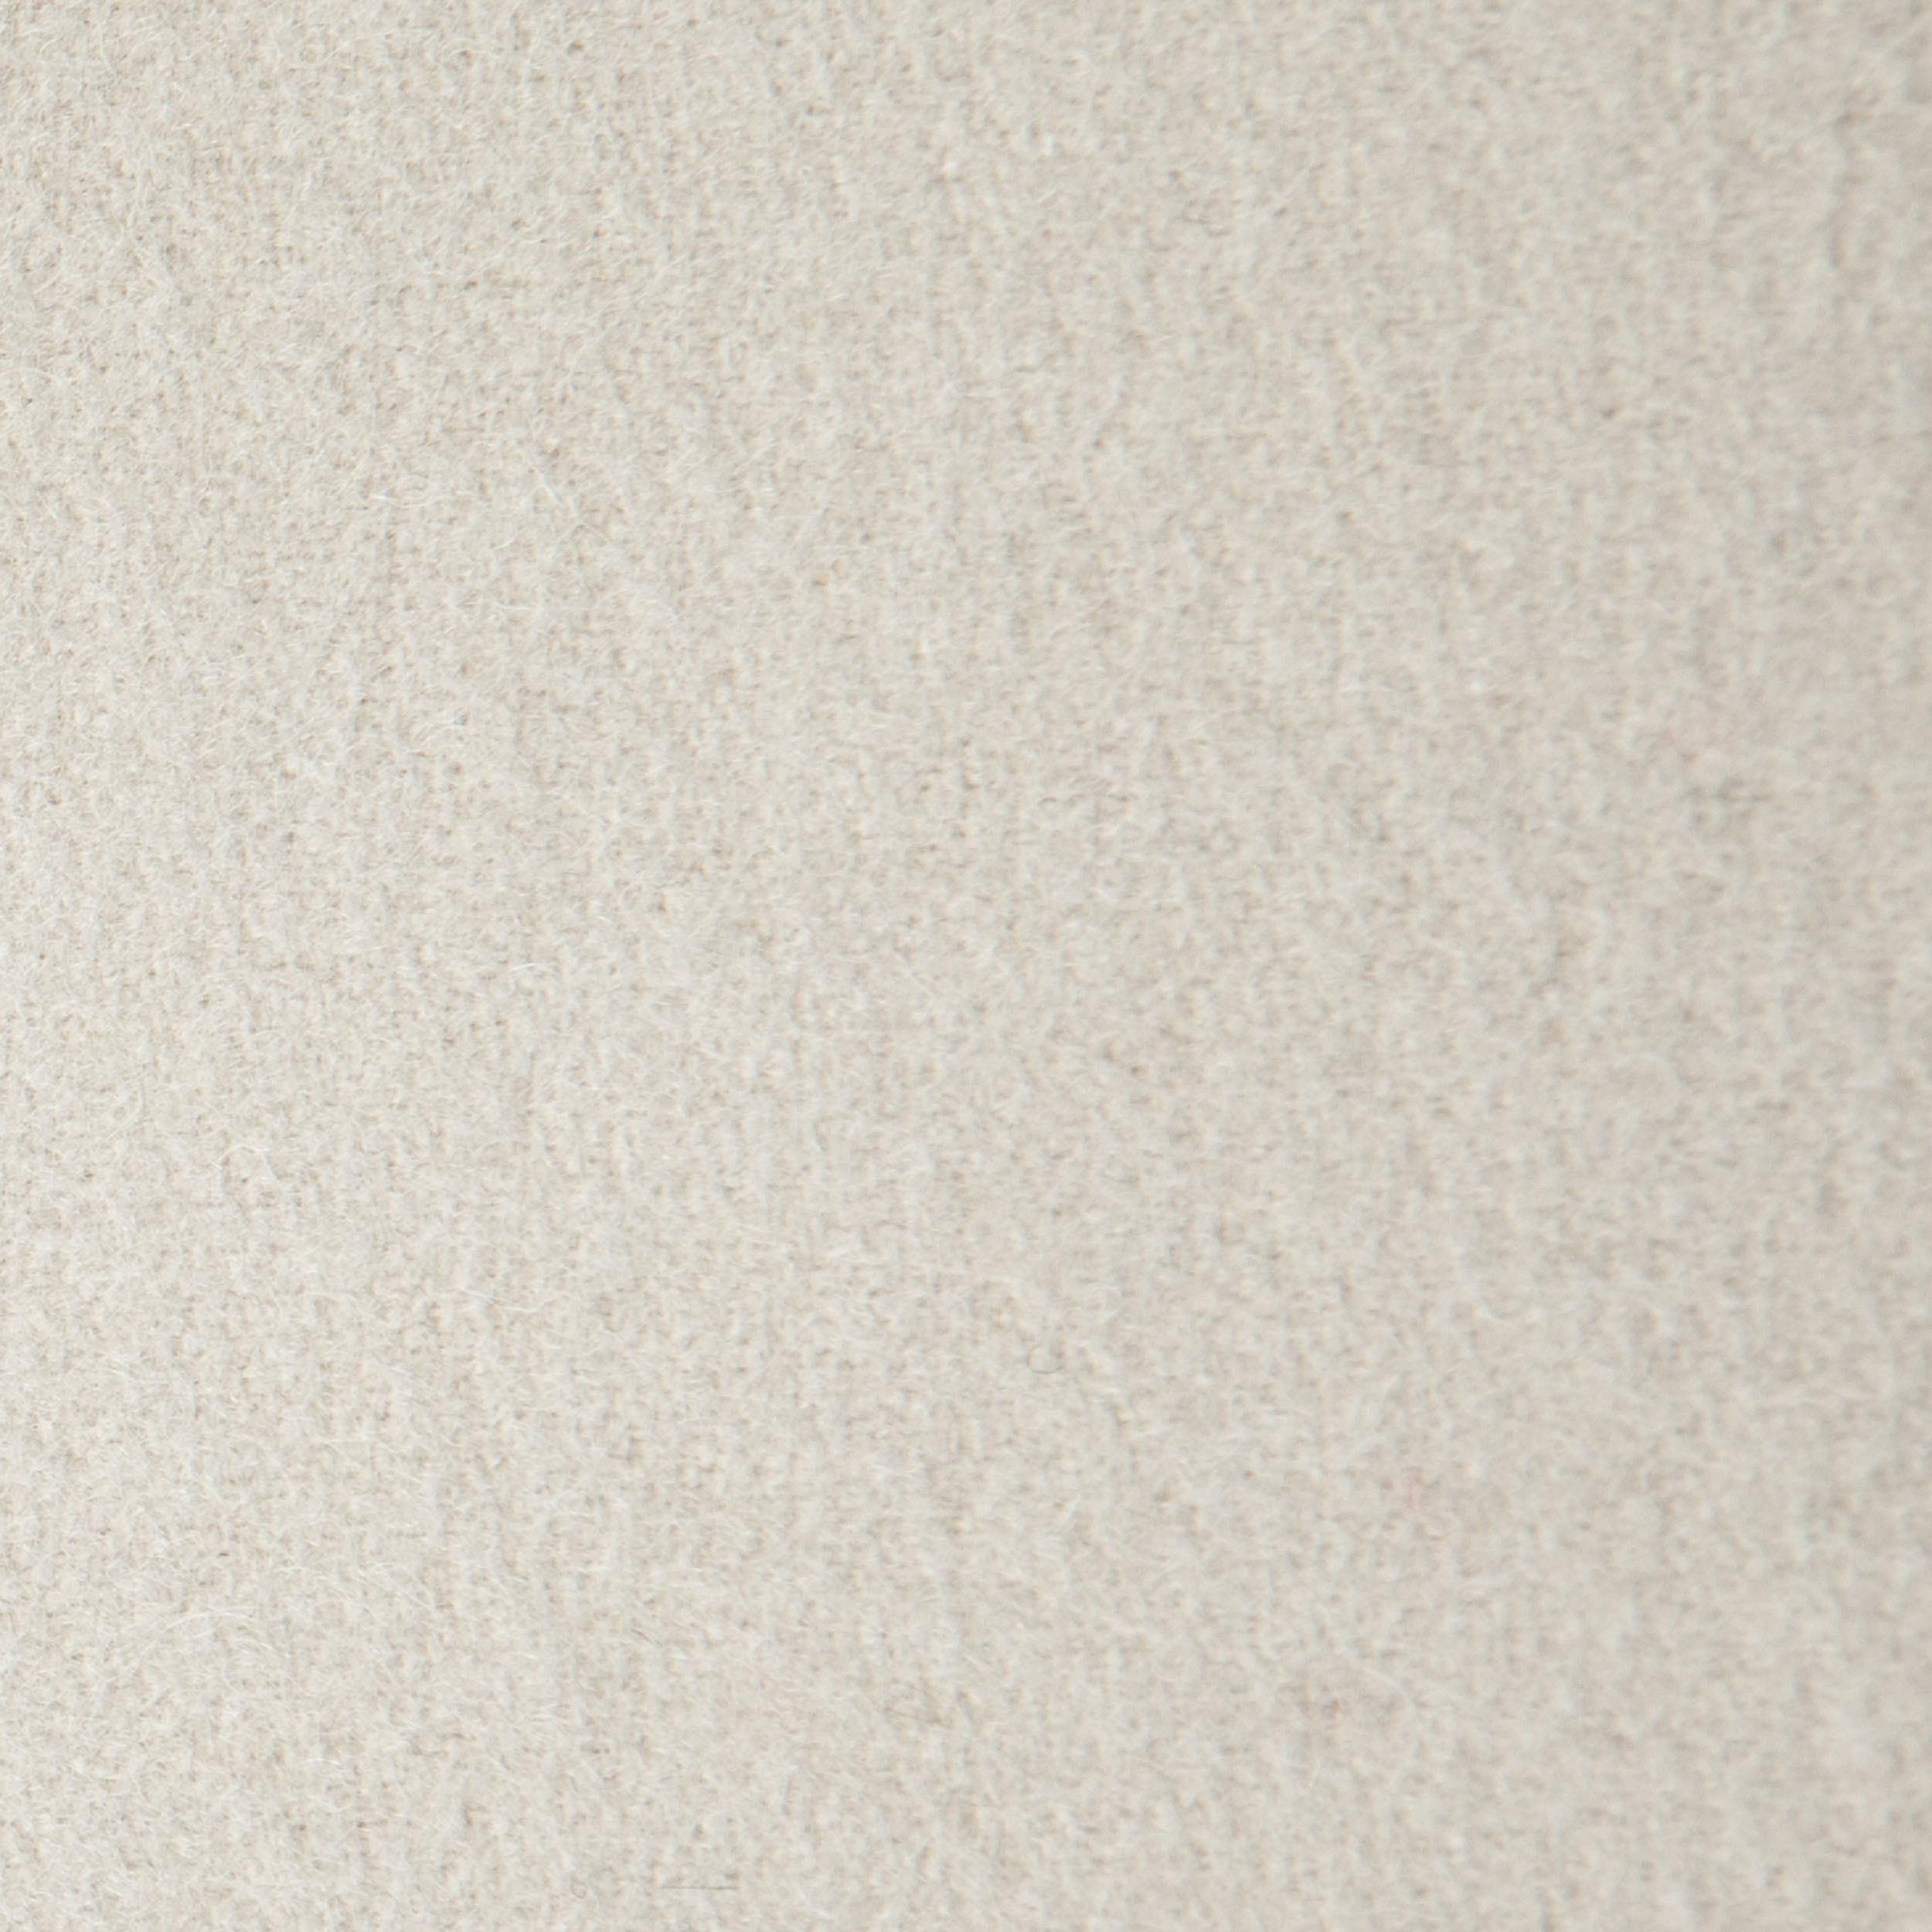 velito bett mit gepolstertem kopfteil 180 sand online kaufen bei woonio. Black Bedroom Furniture Sets. Home Design Ideas